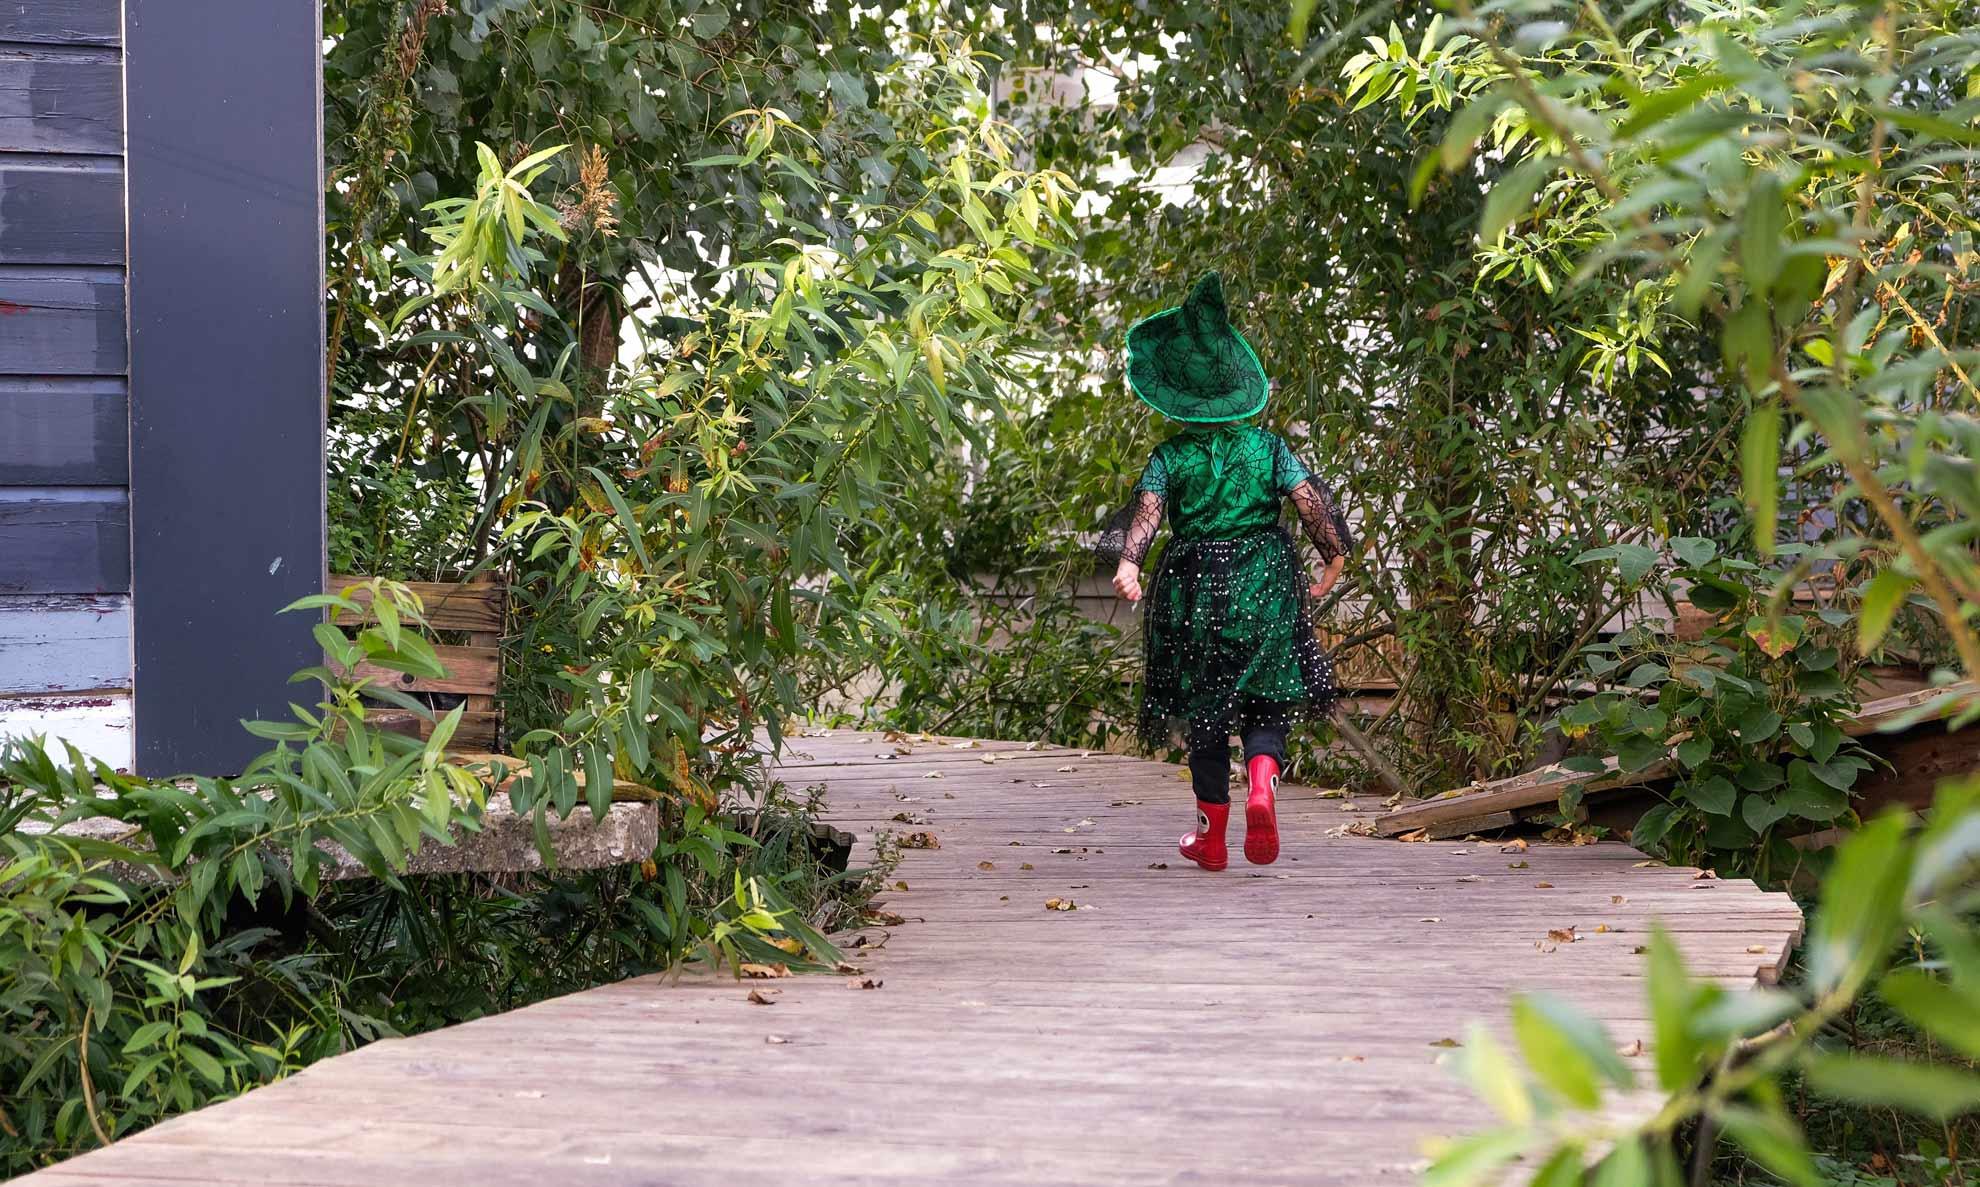 natuurworkshop voor kinderen op De Ceuvel